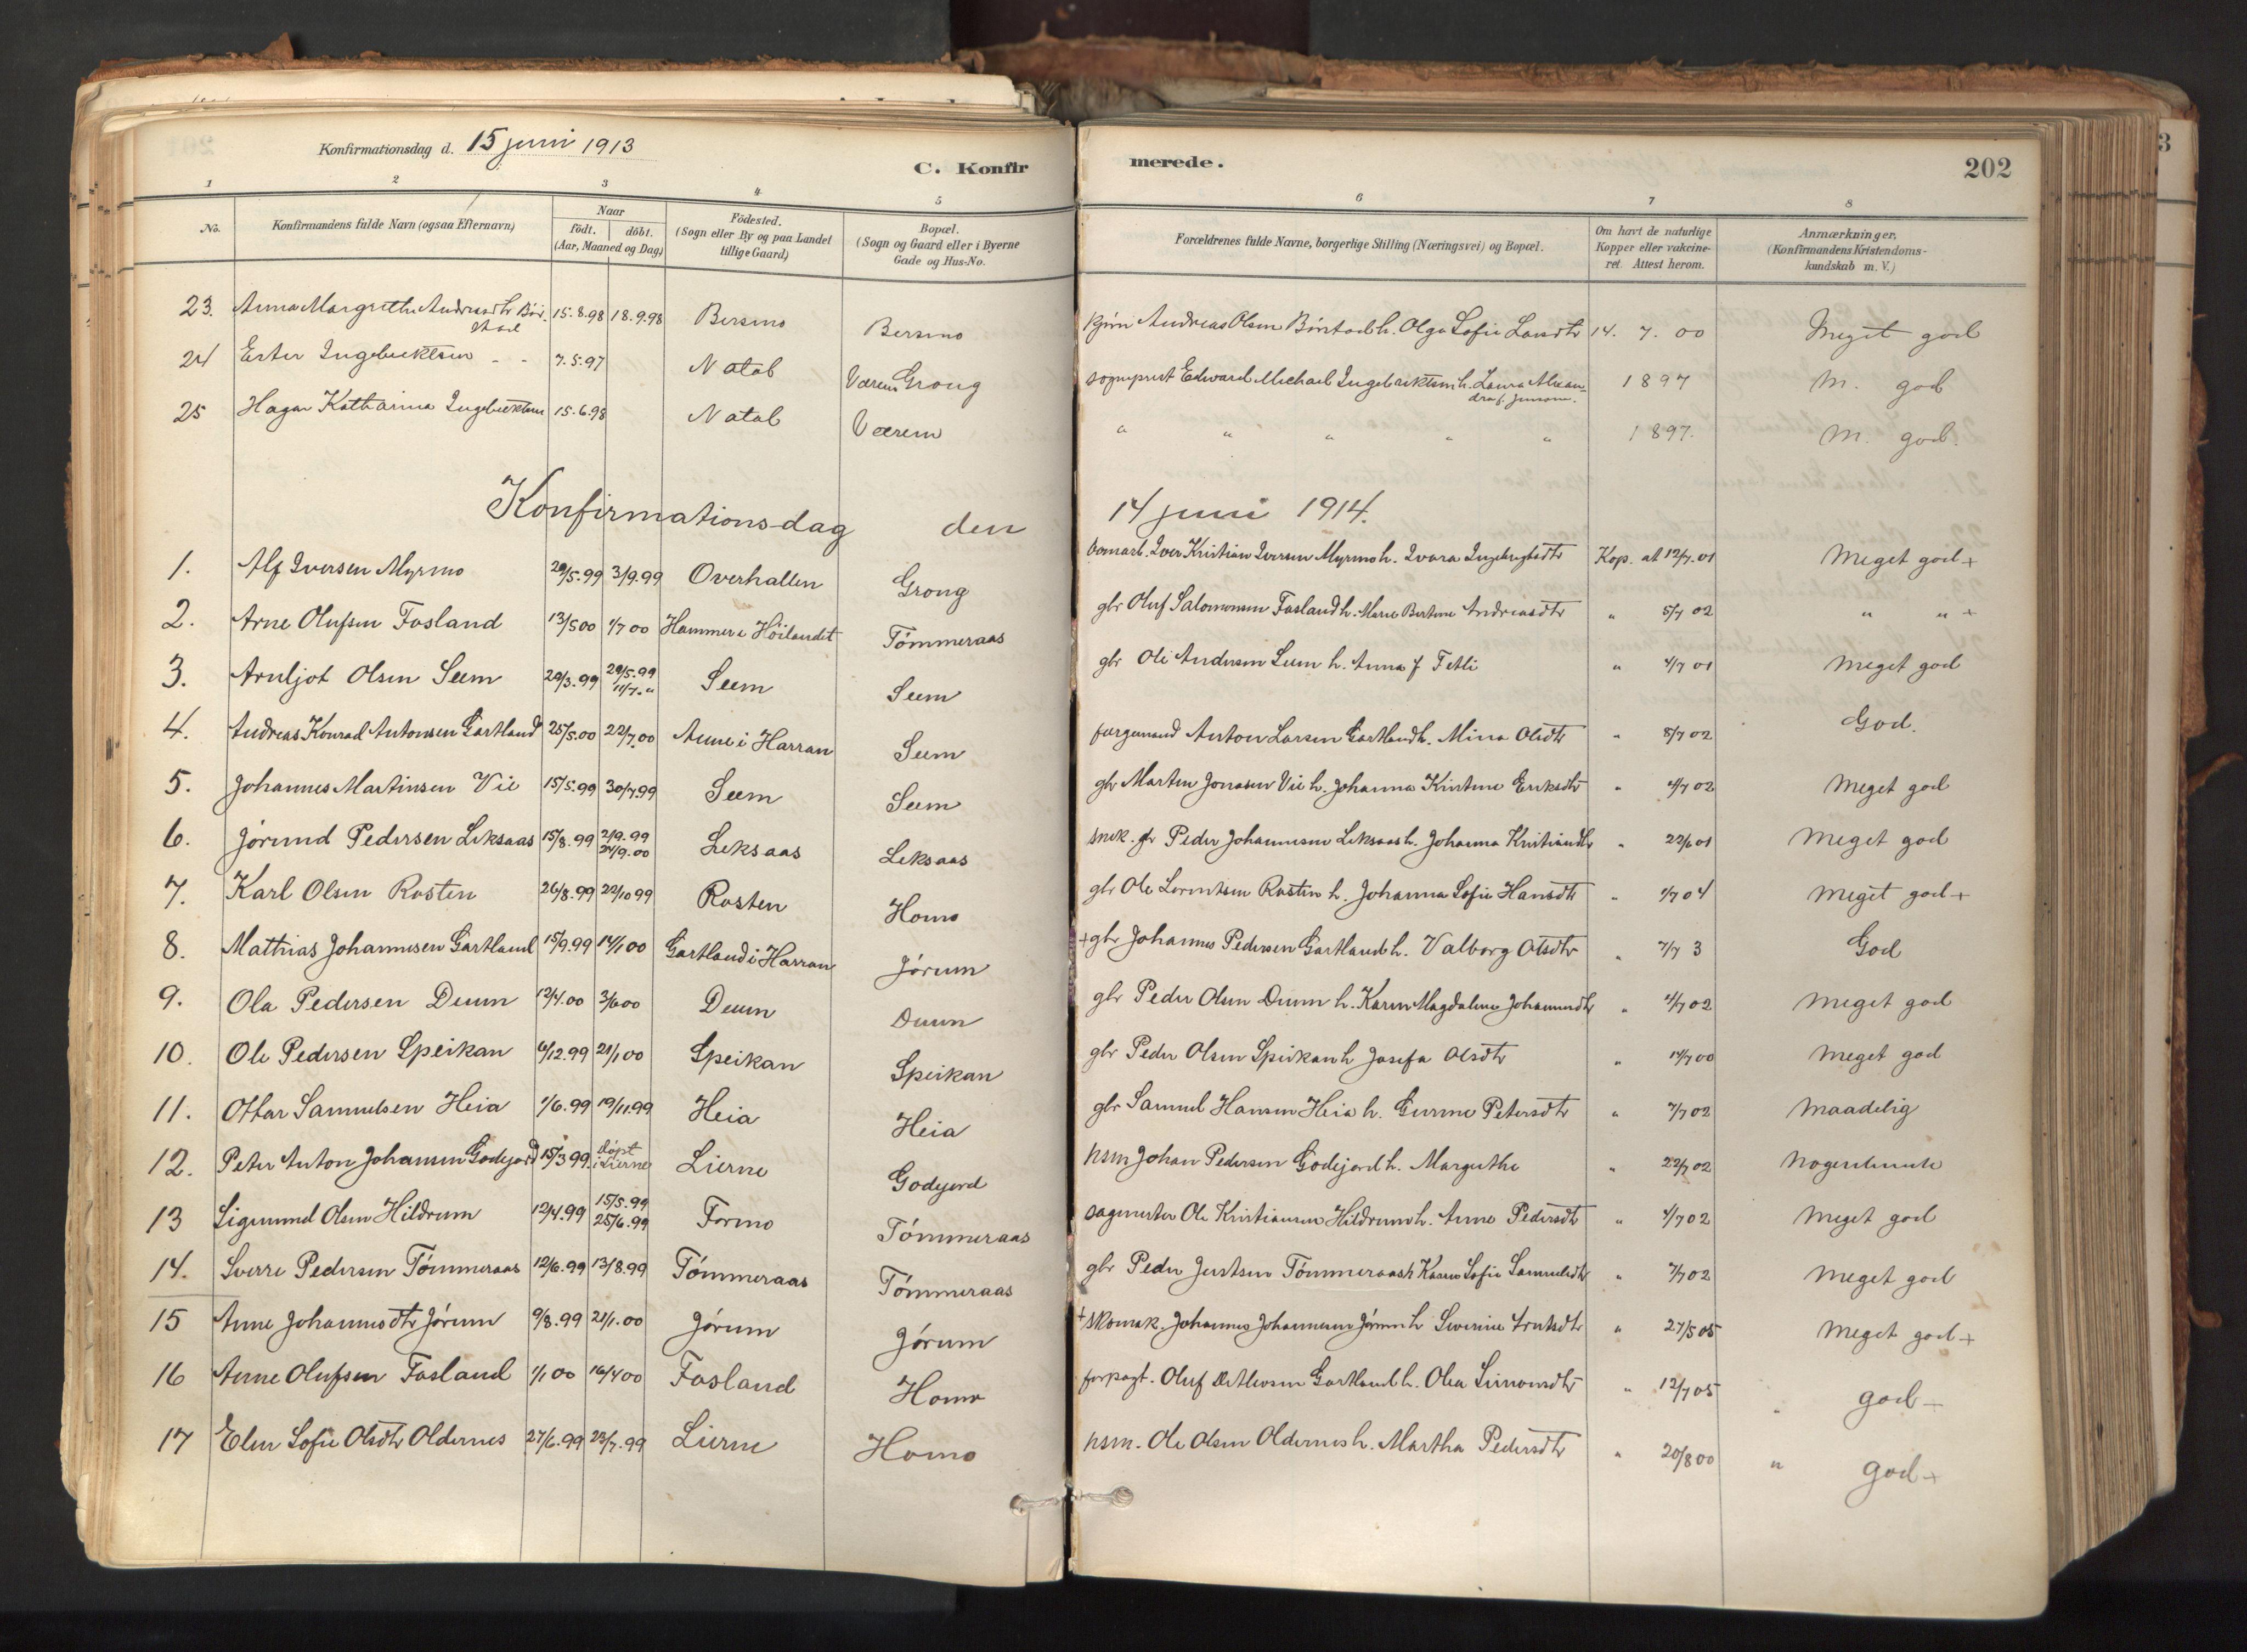 SAT, Ministerialprotokoller, klokkerbøker og fødselsregistre - Nord-Trøndelag, 758/L0519: Ministerialbok nr. 758A04, 1880-1926, s. 202